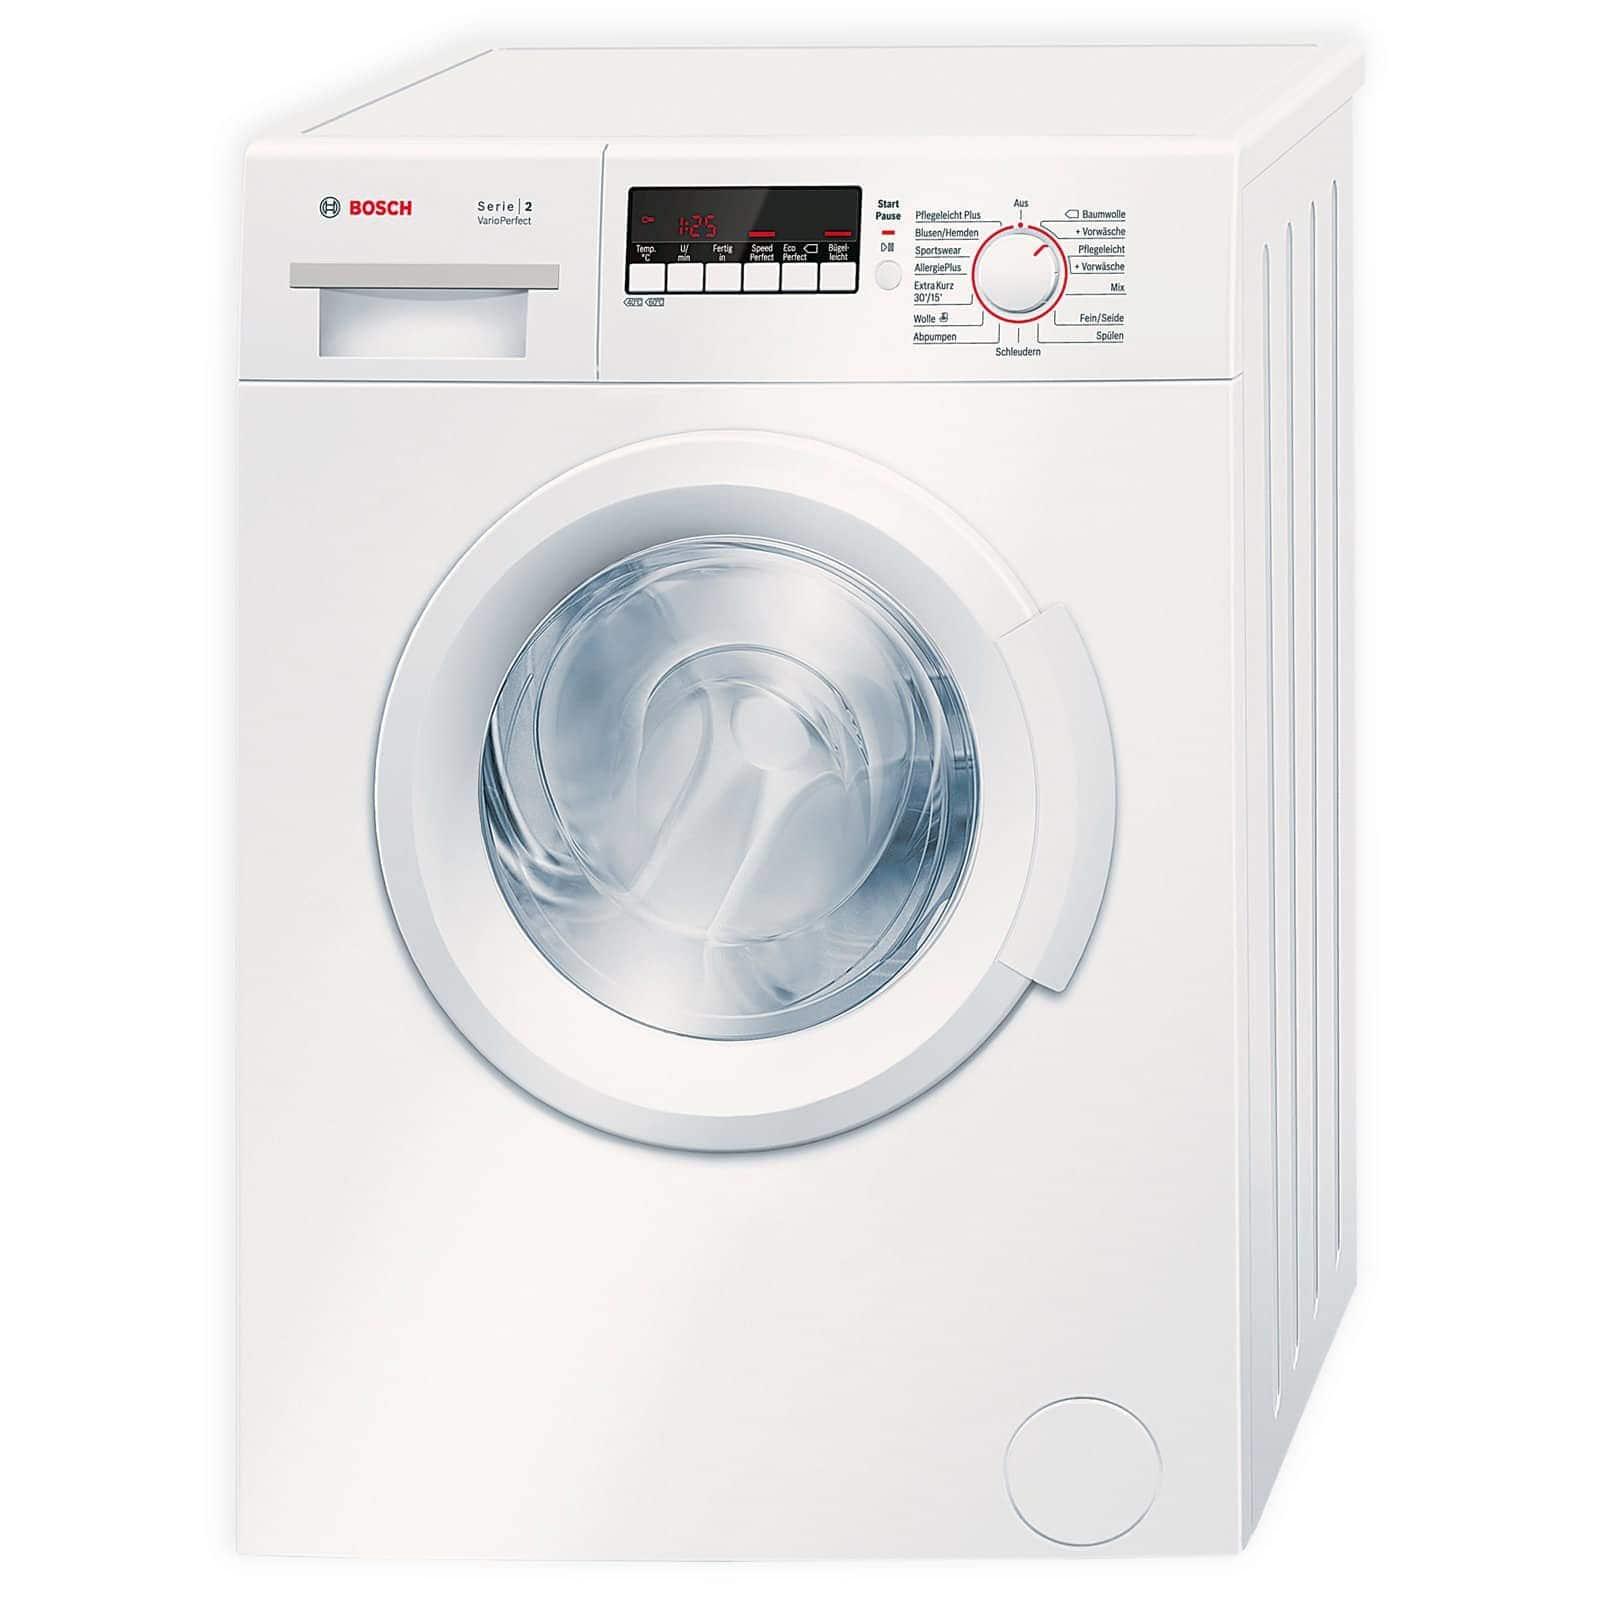 BOSCH Waschmaschine - WAB28270 incl. Versand - A+++